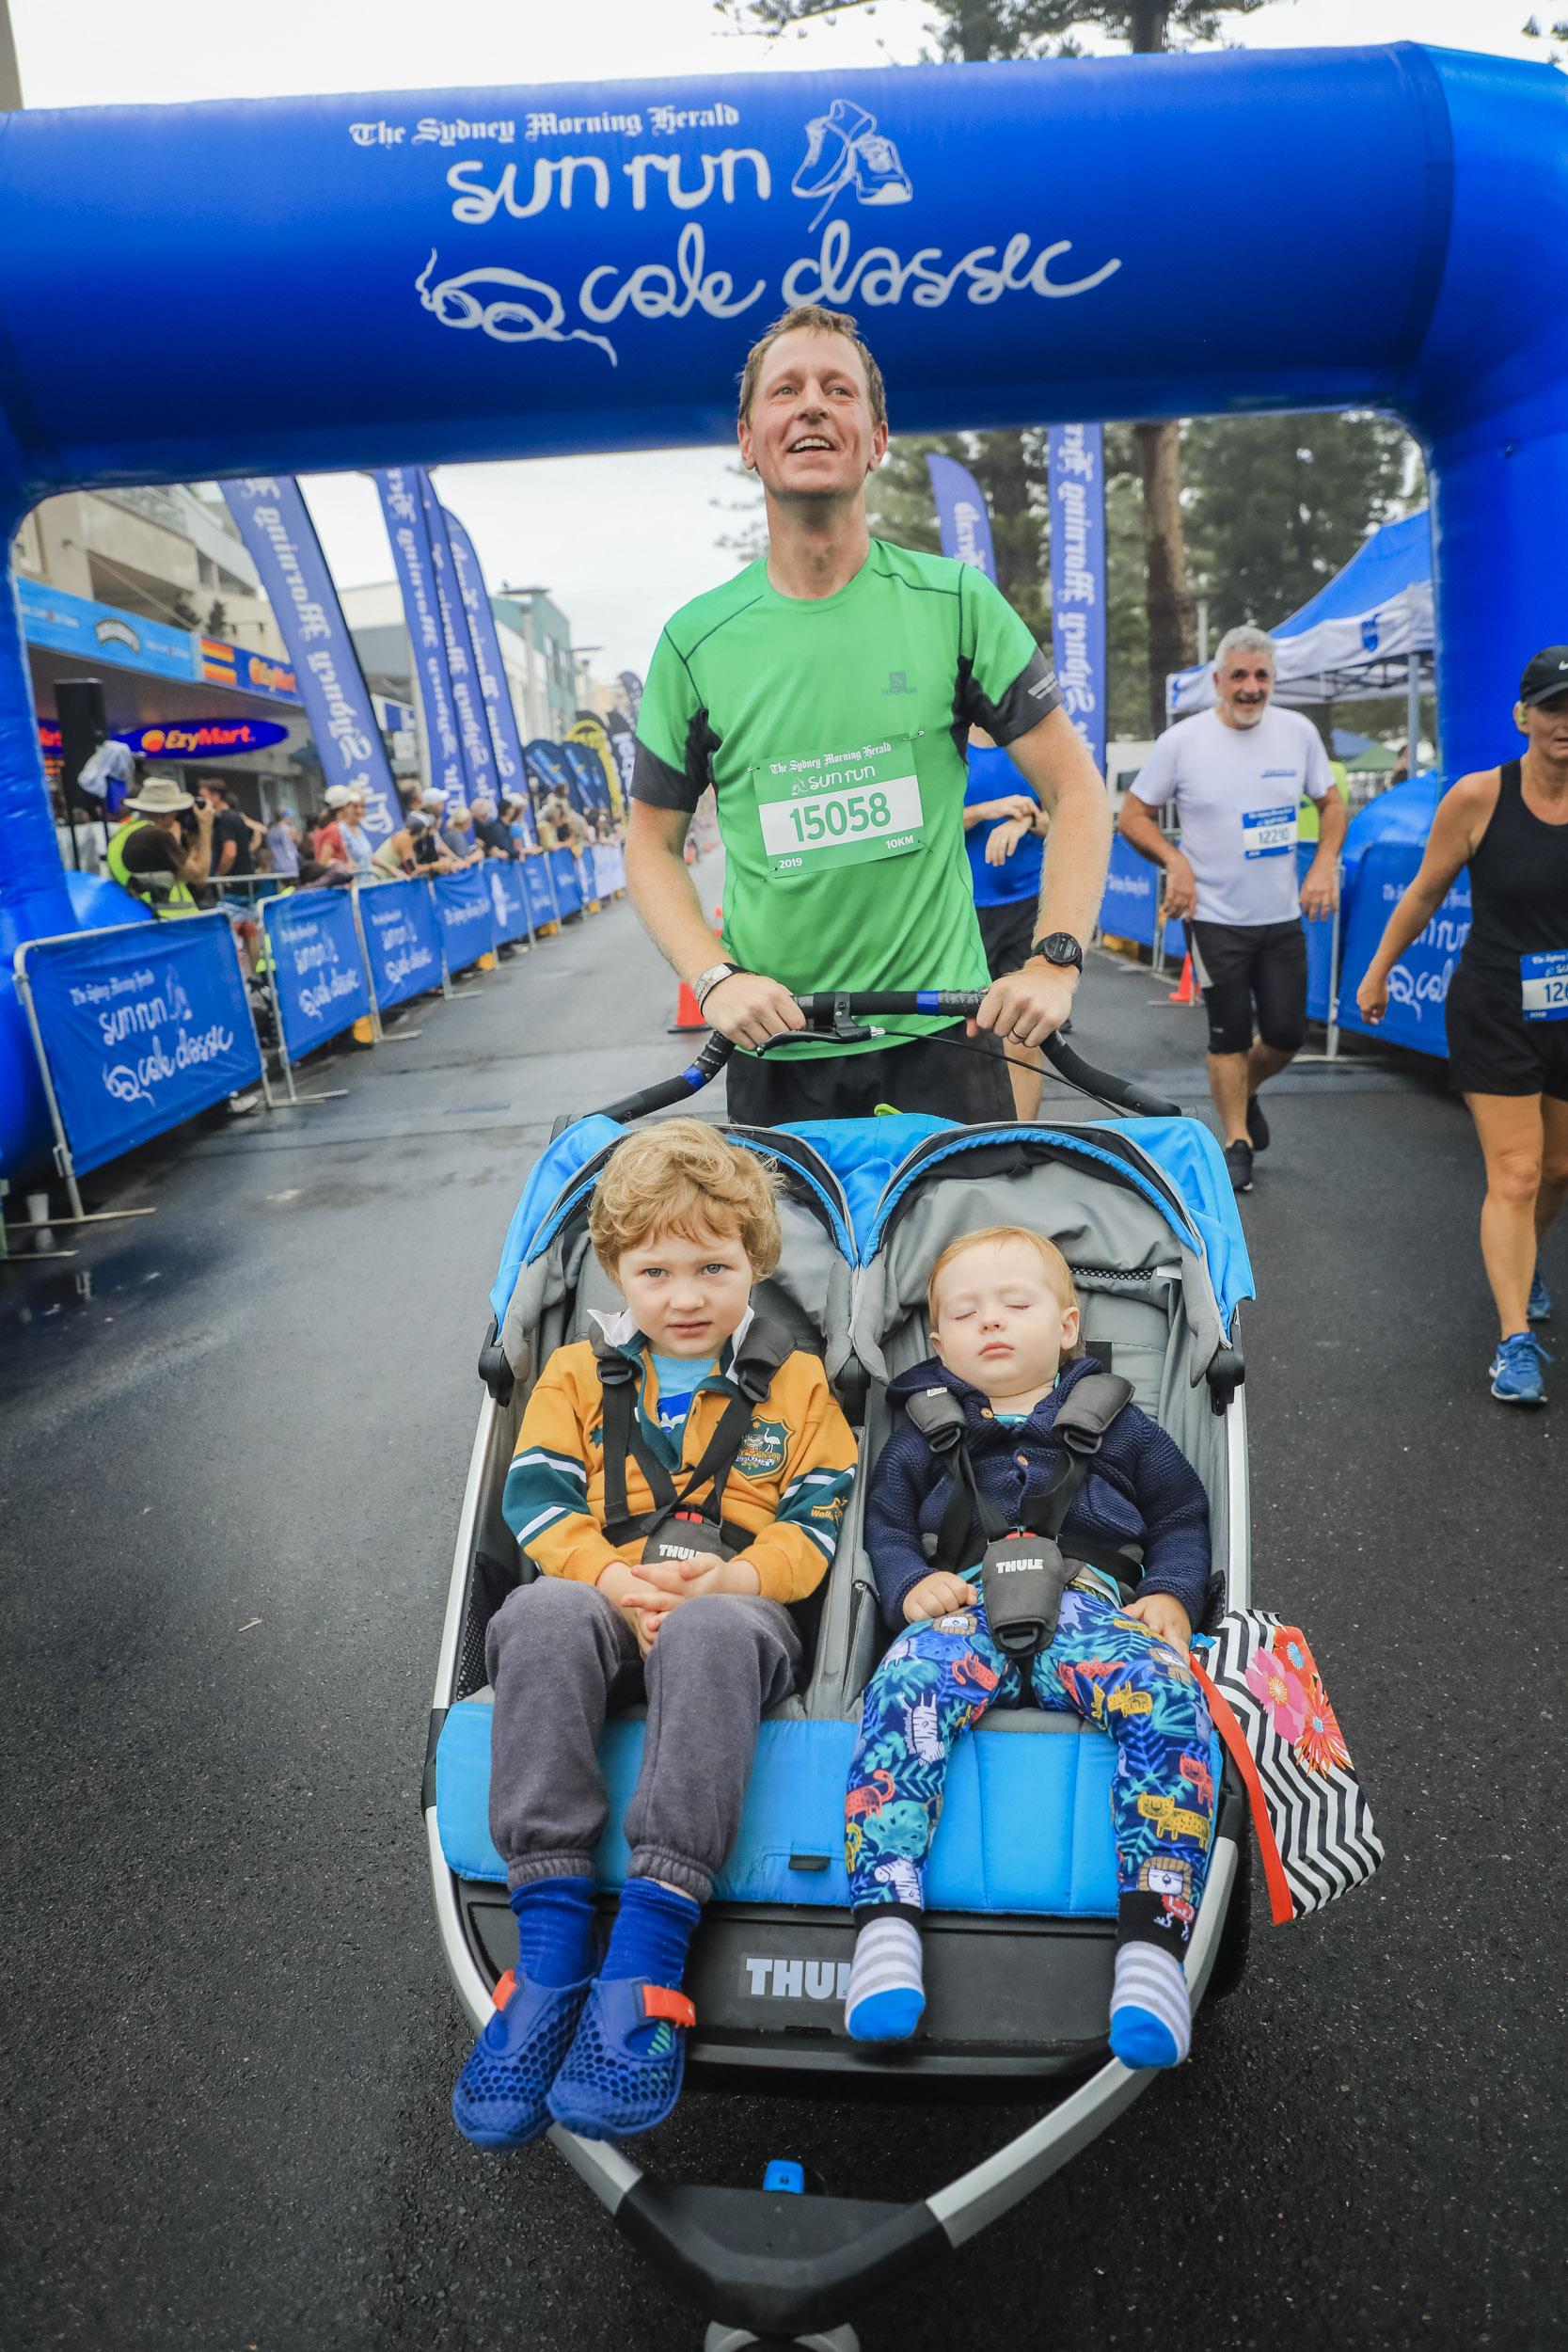 Sydney Morning Herald Sun Run © Salty Dingo 2019 CG-40560.jpg